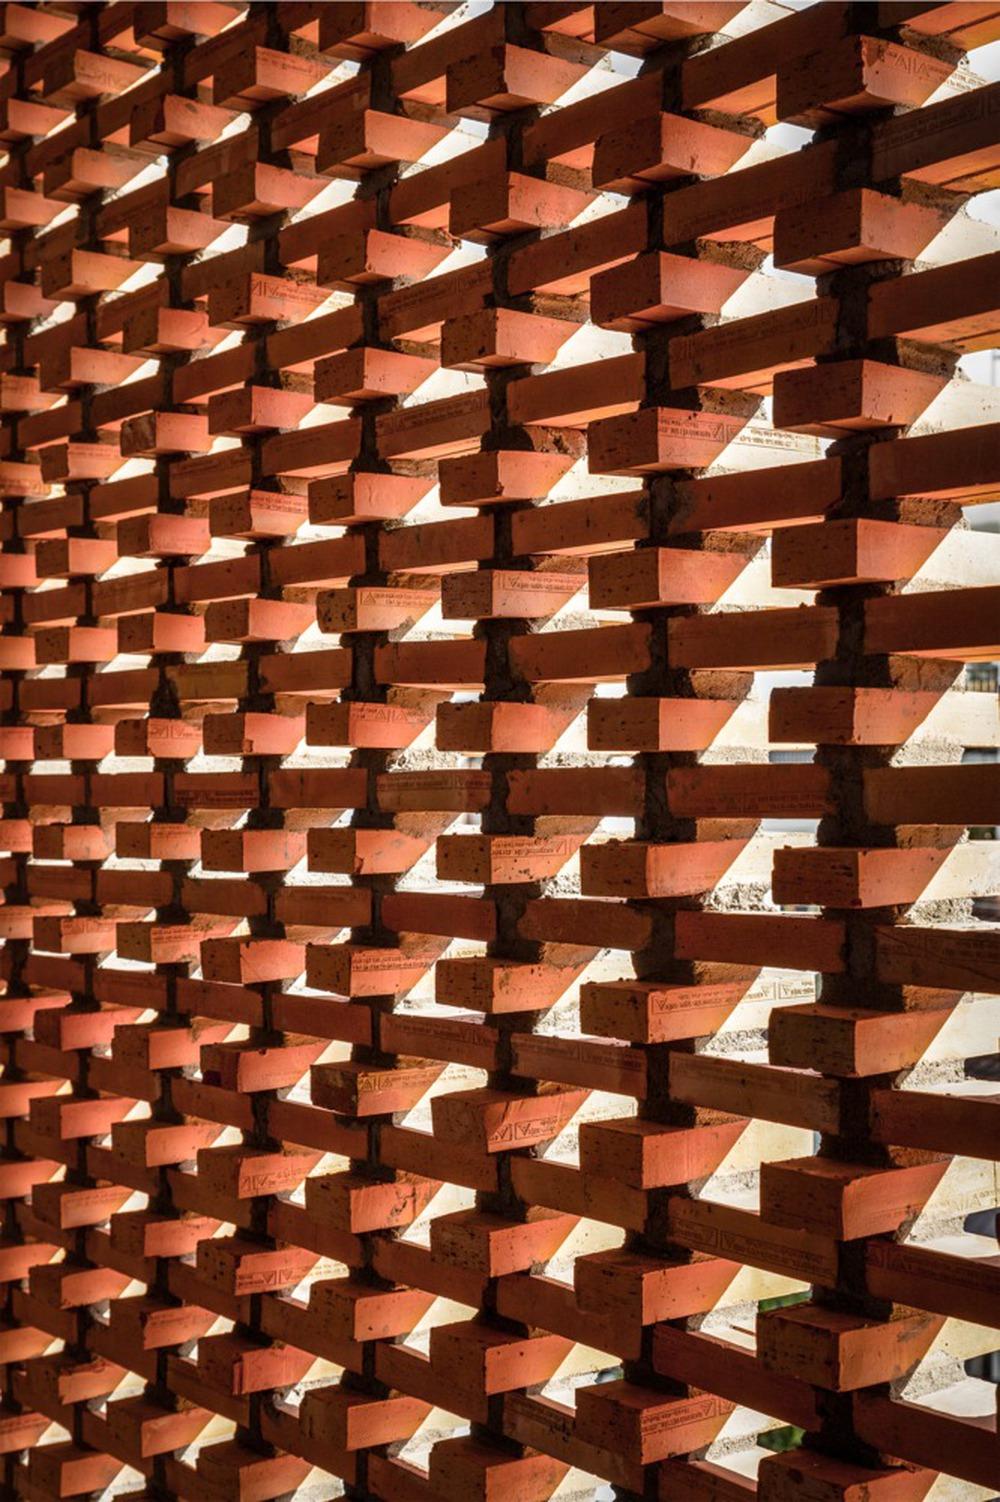 Công trình bằng gạch nung được cải tạo từ nhà kho đẹp lung linh trên báo Mỹ - Ảnh 9.